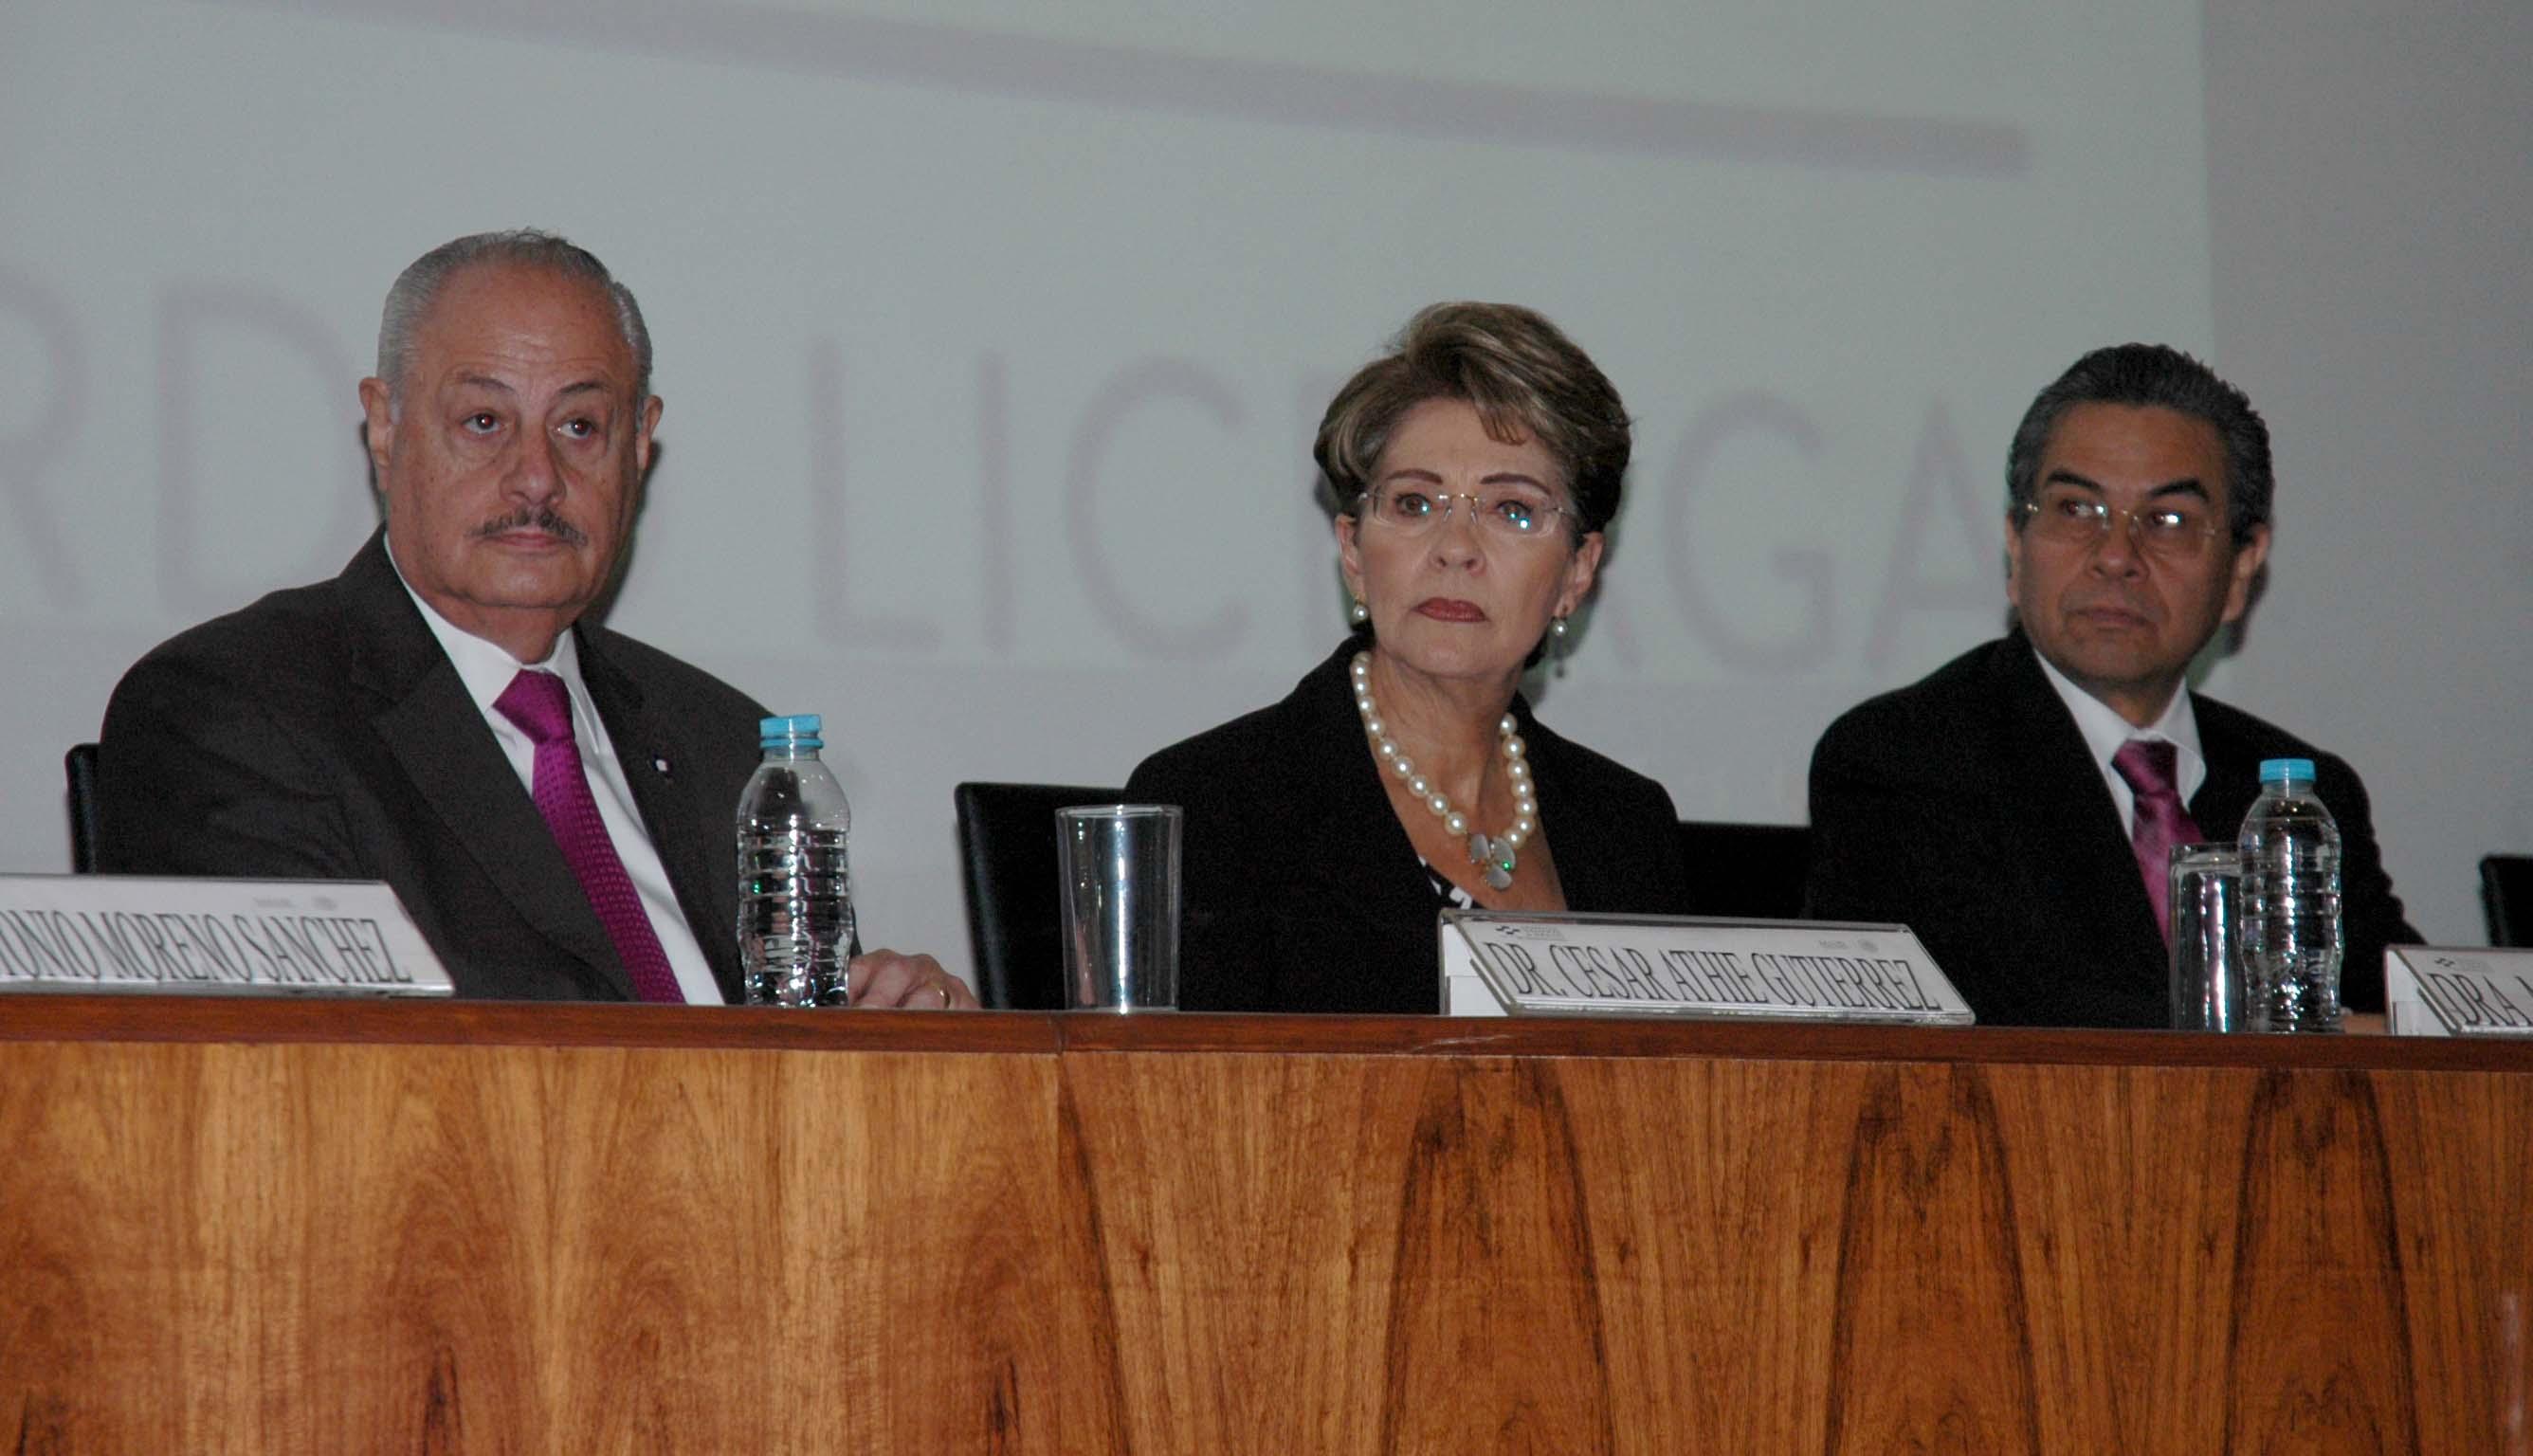 Encabezó la ceremonia de imposición del nombre del doctor Magín Puig Solanes, al Servicio de Oftalmología HGM